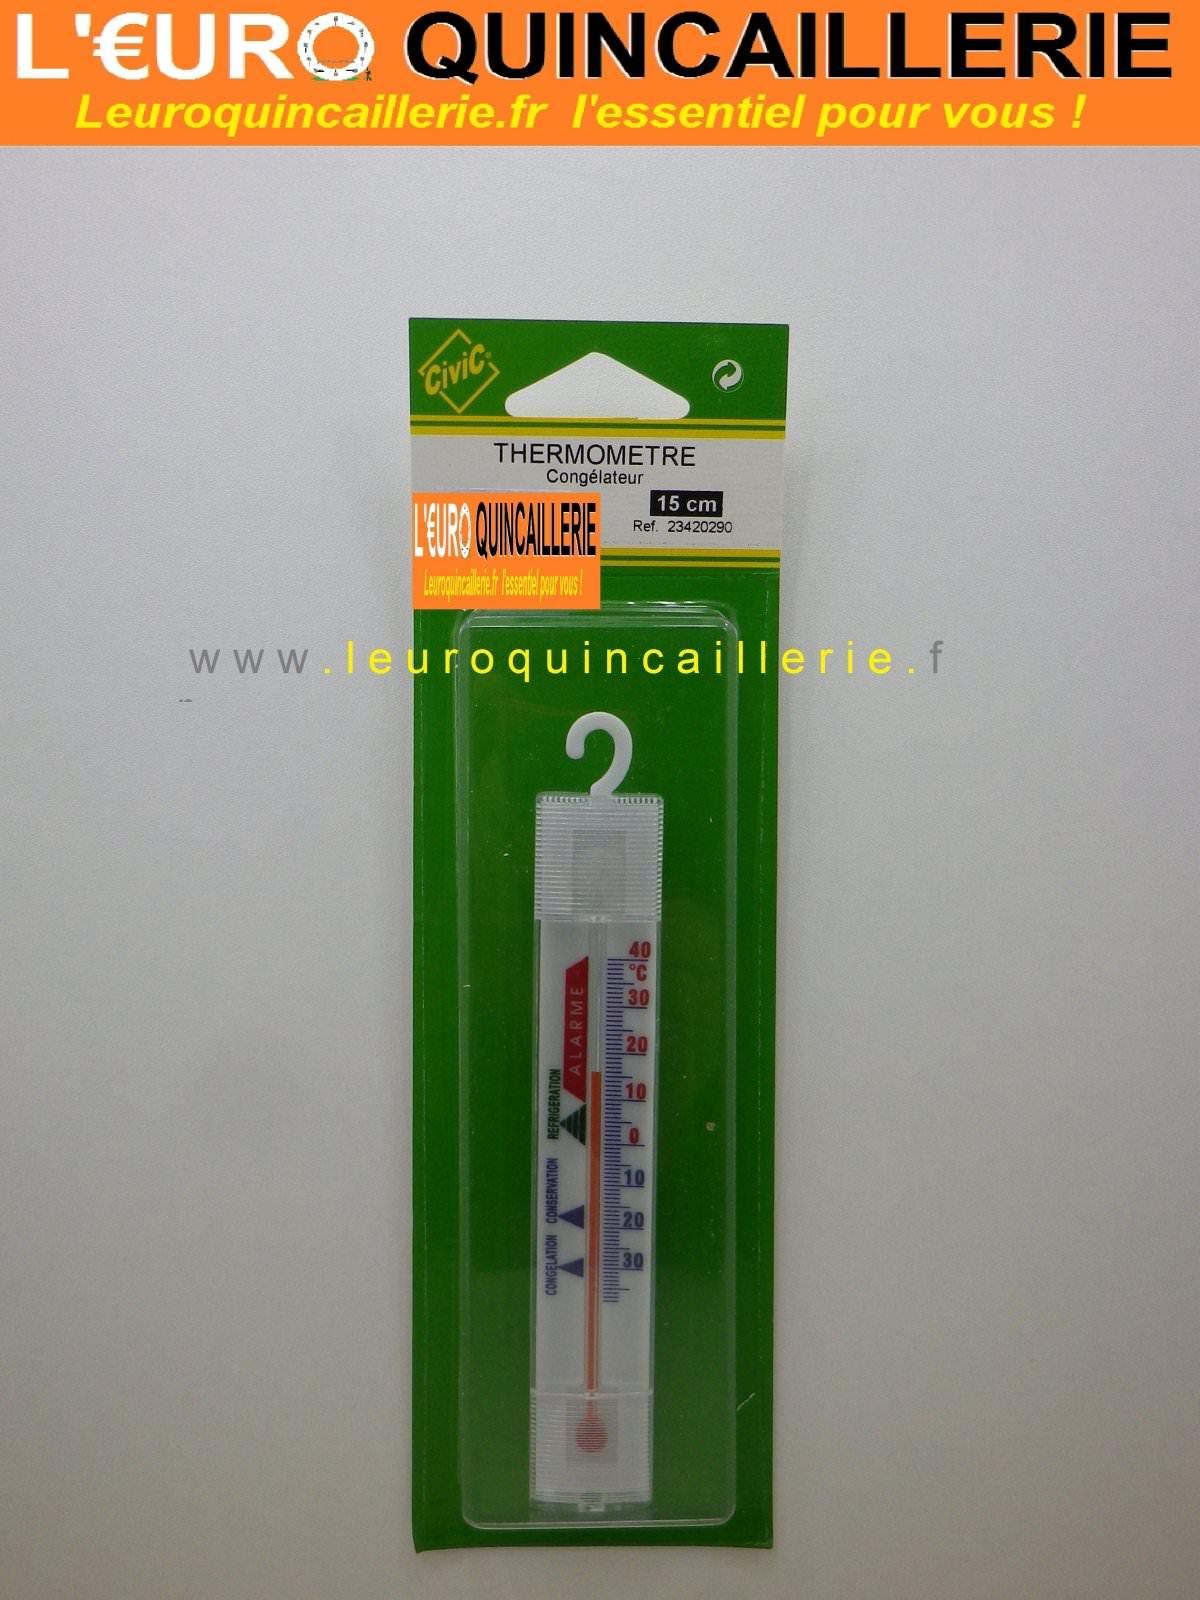 Thermomètre congélateur 15 cm